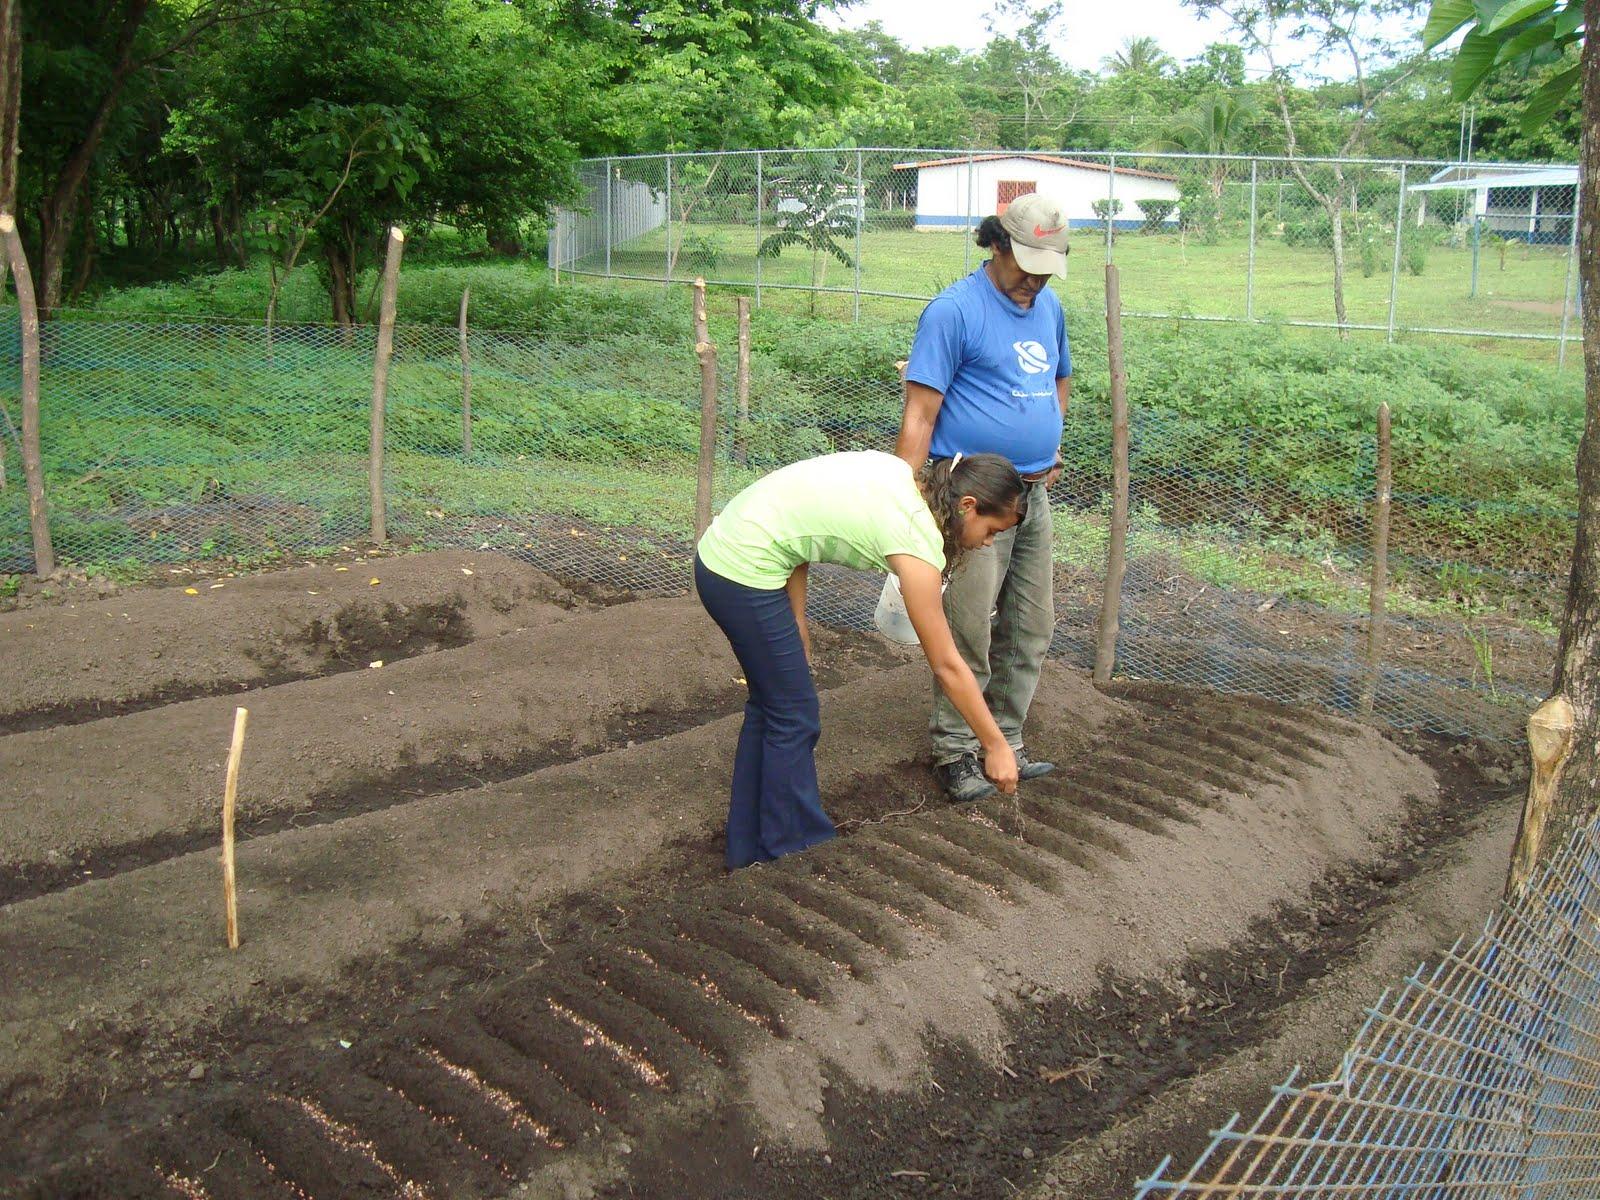 Escuela colonia bola os sembrando hortalizas - Preparacion de la tierra para sembrar ...